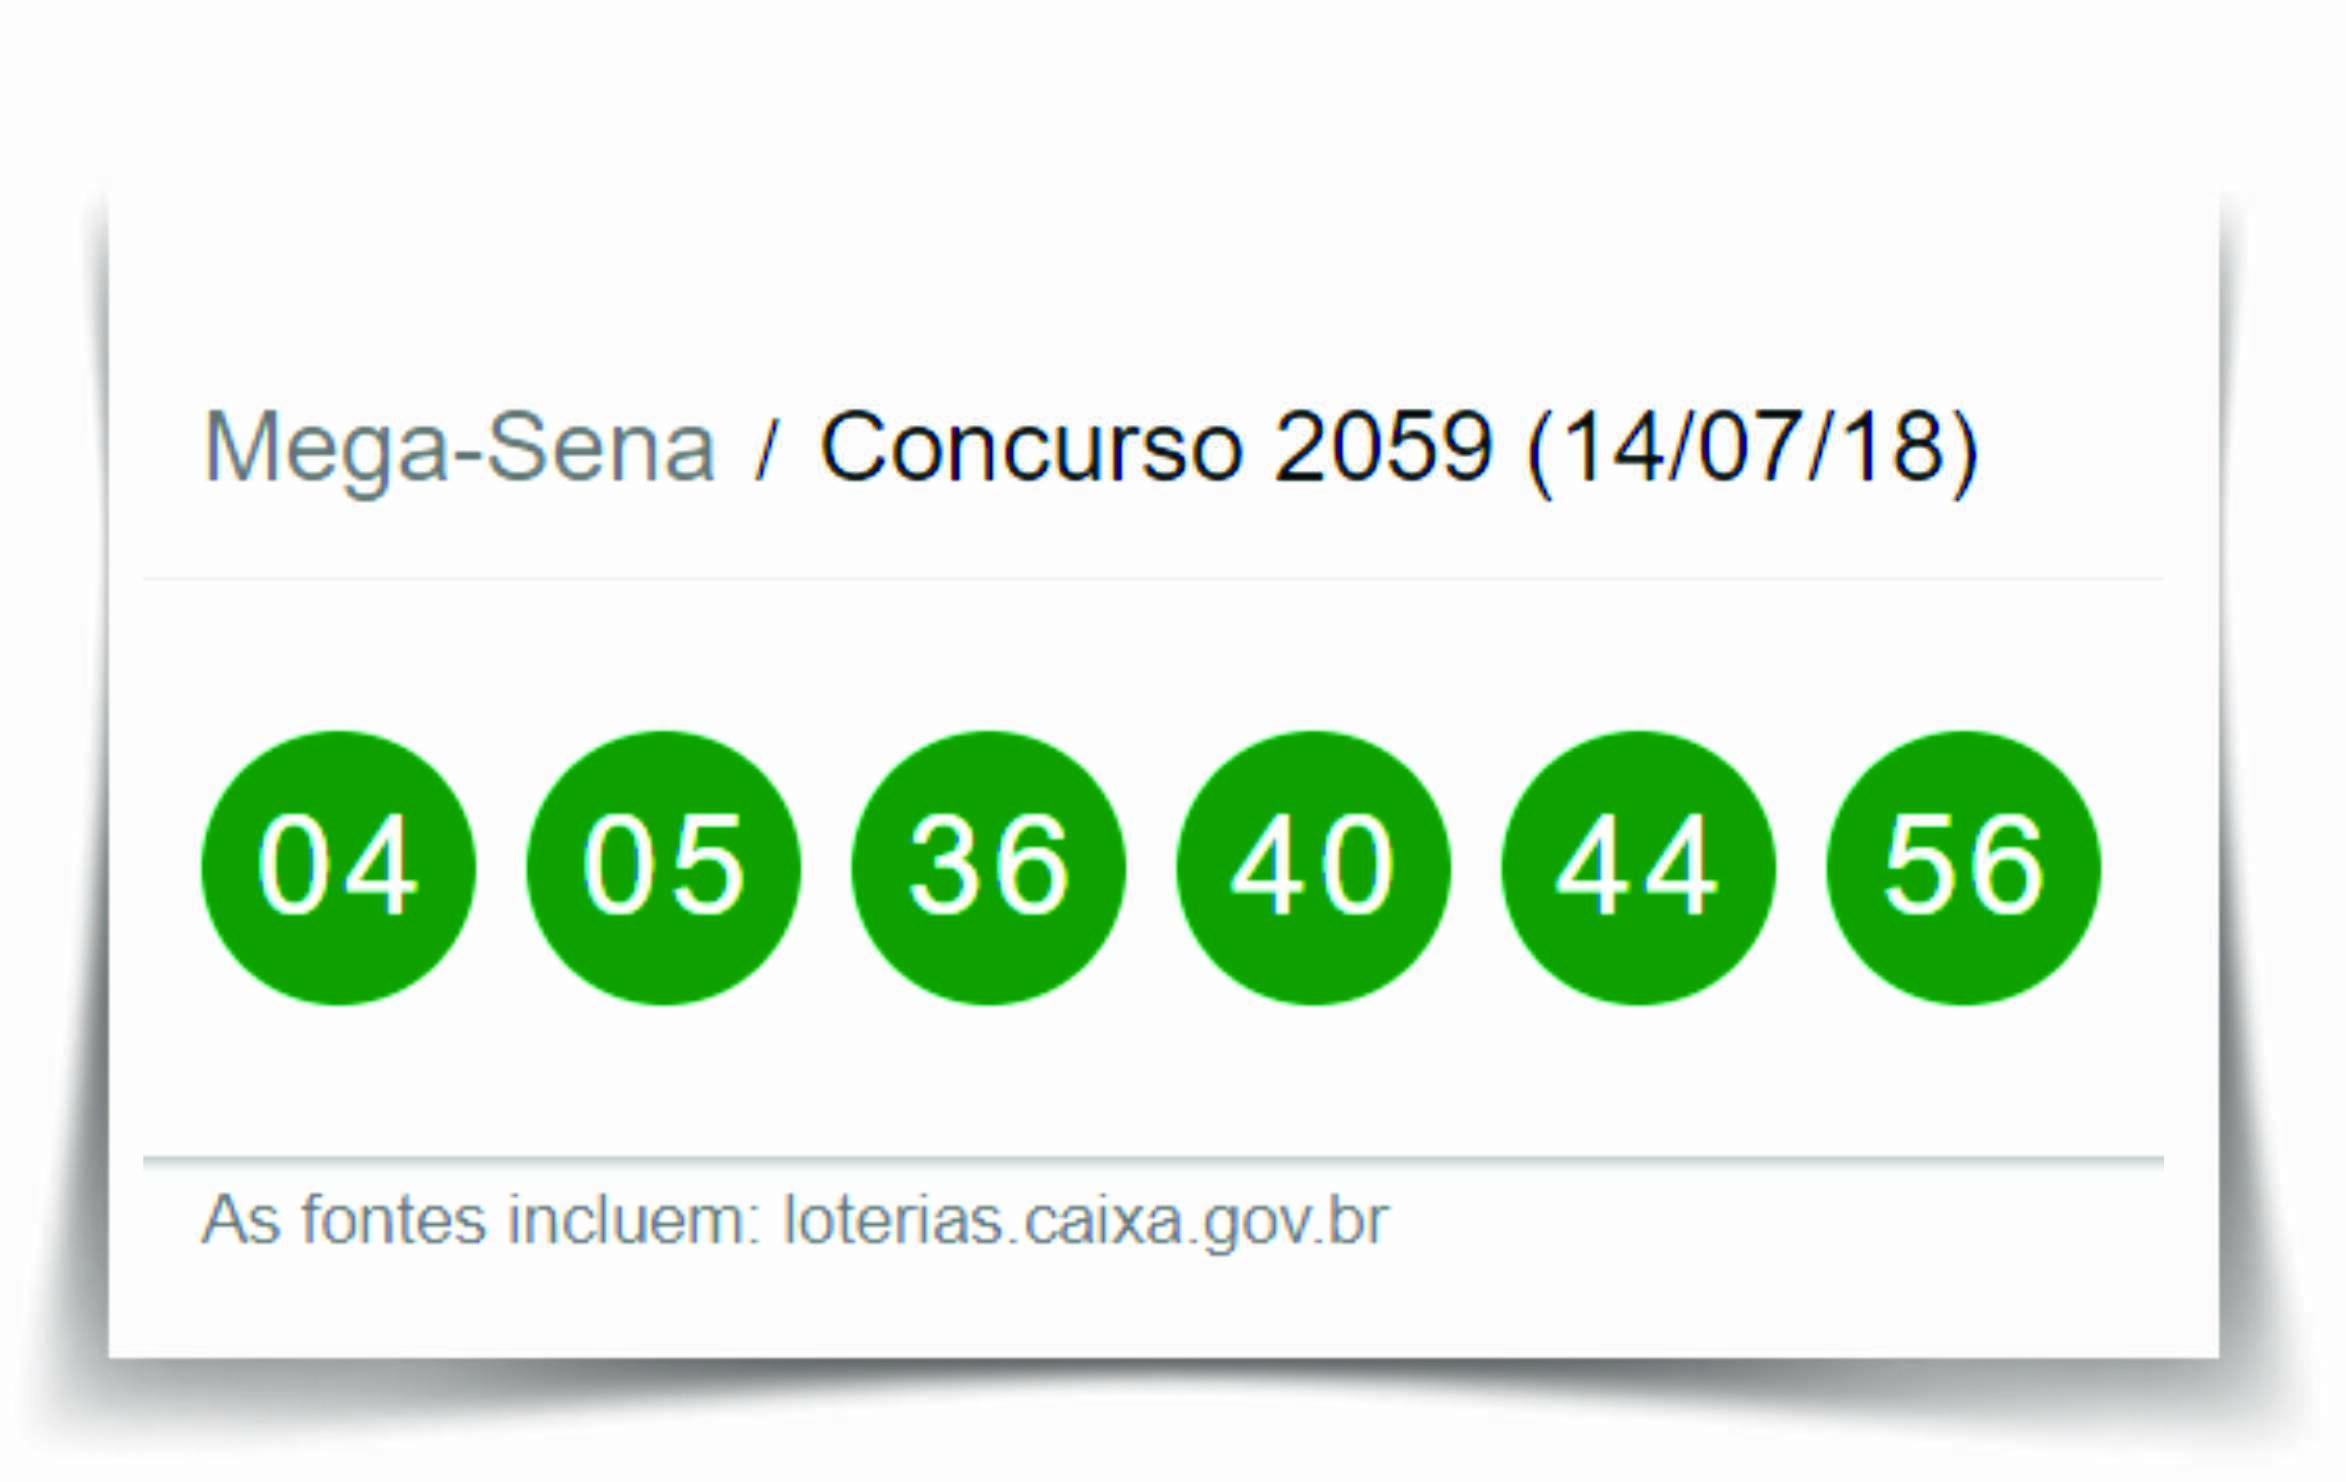 Resultado da Mega-Sena 2059 / Loterias Caixa